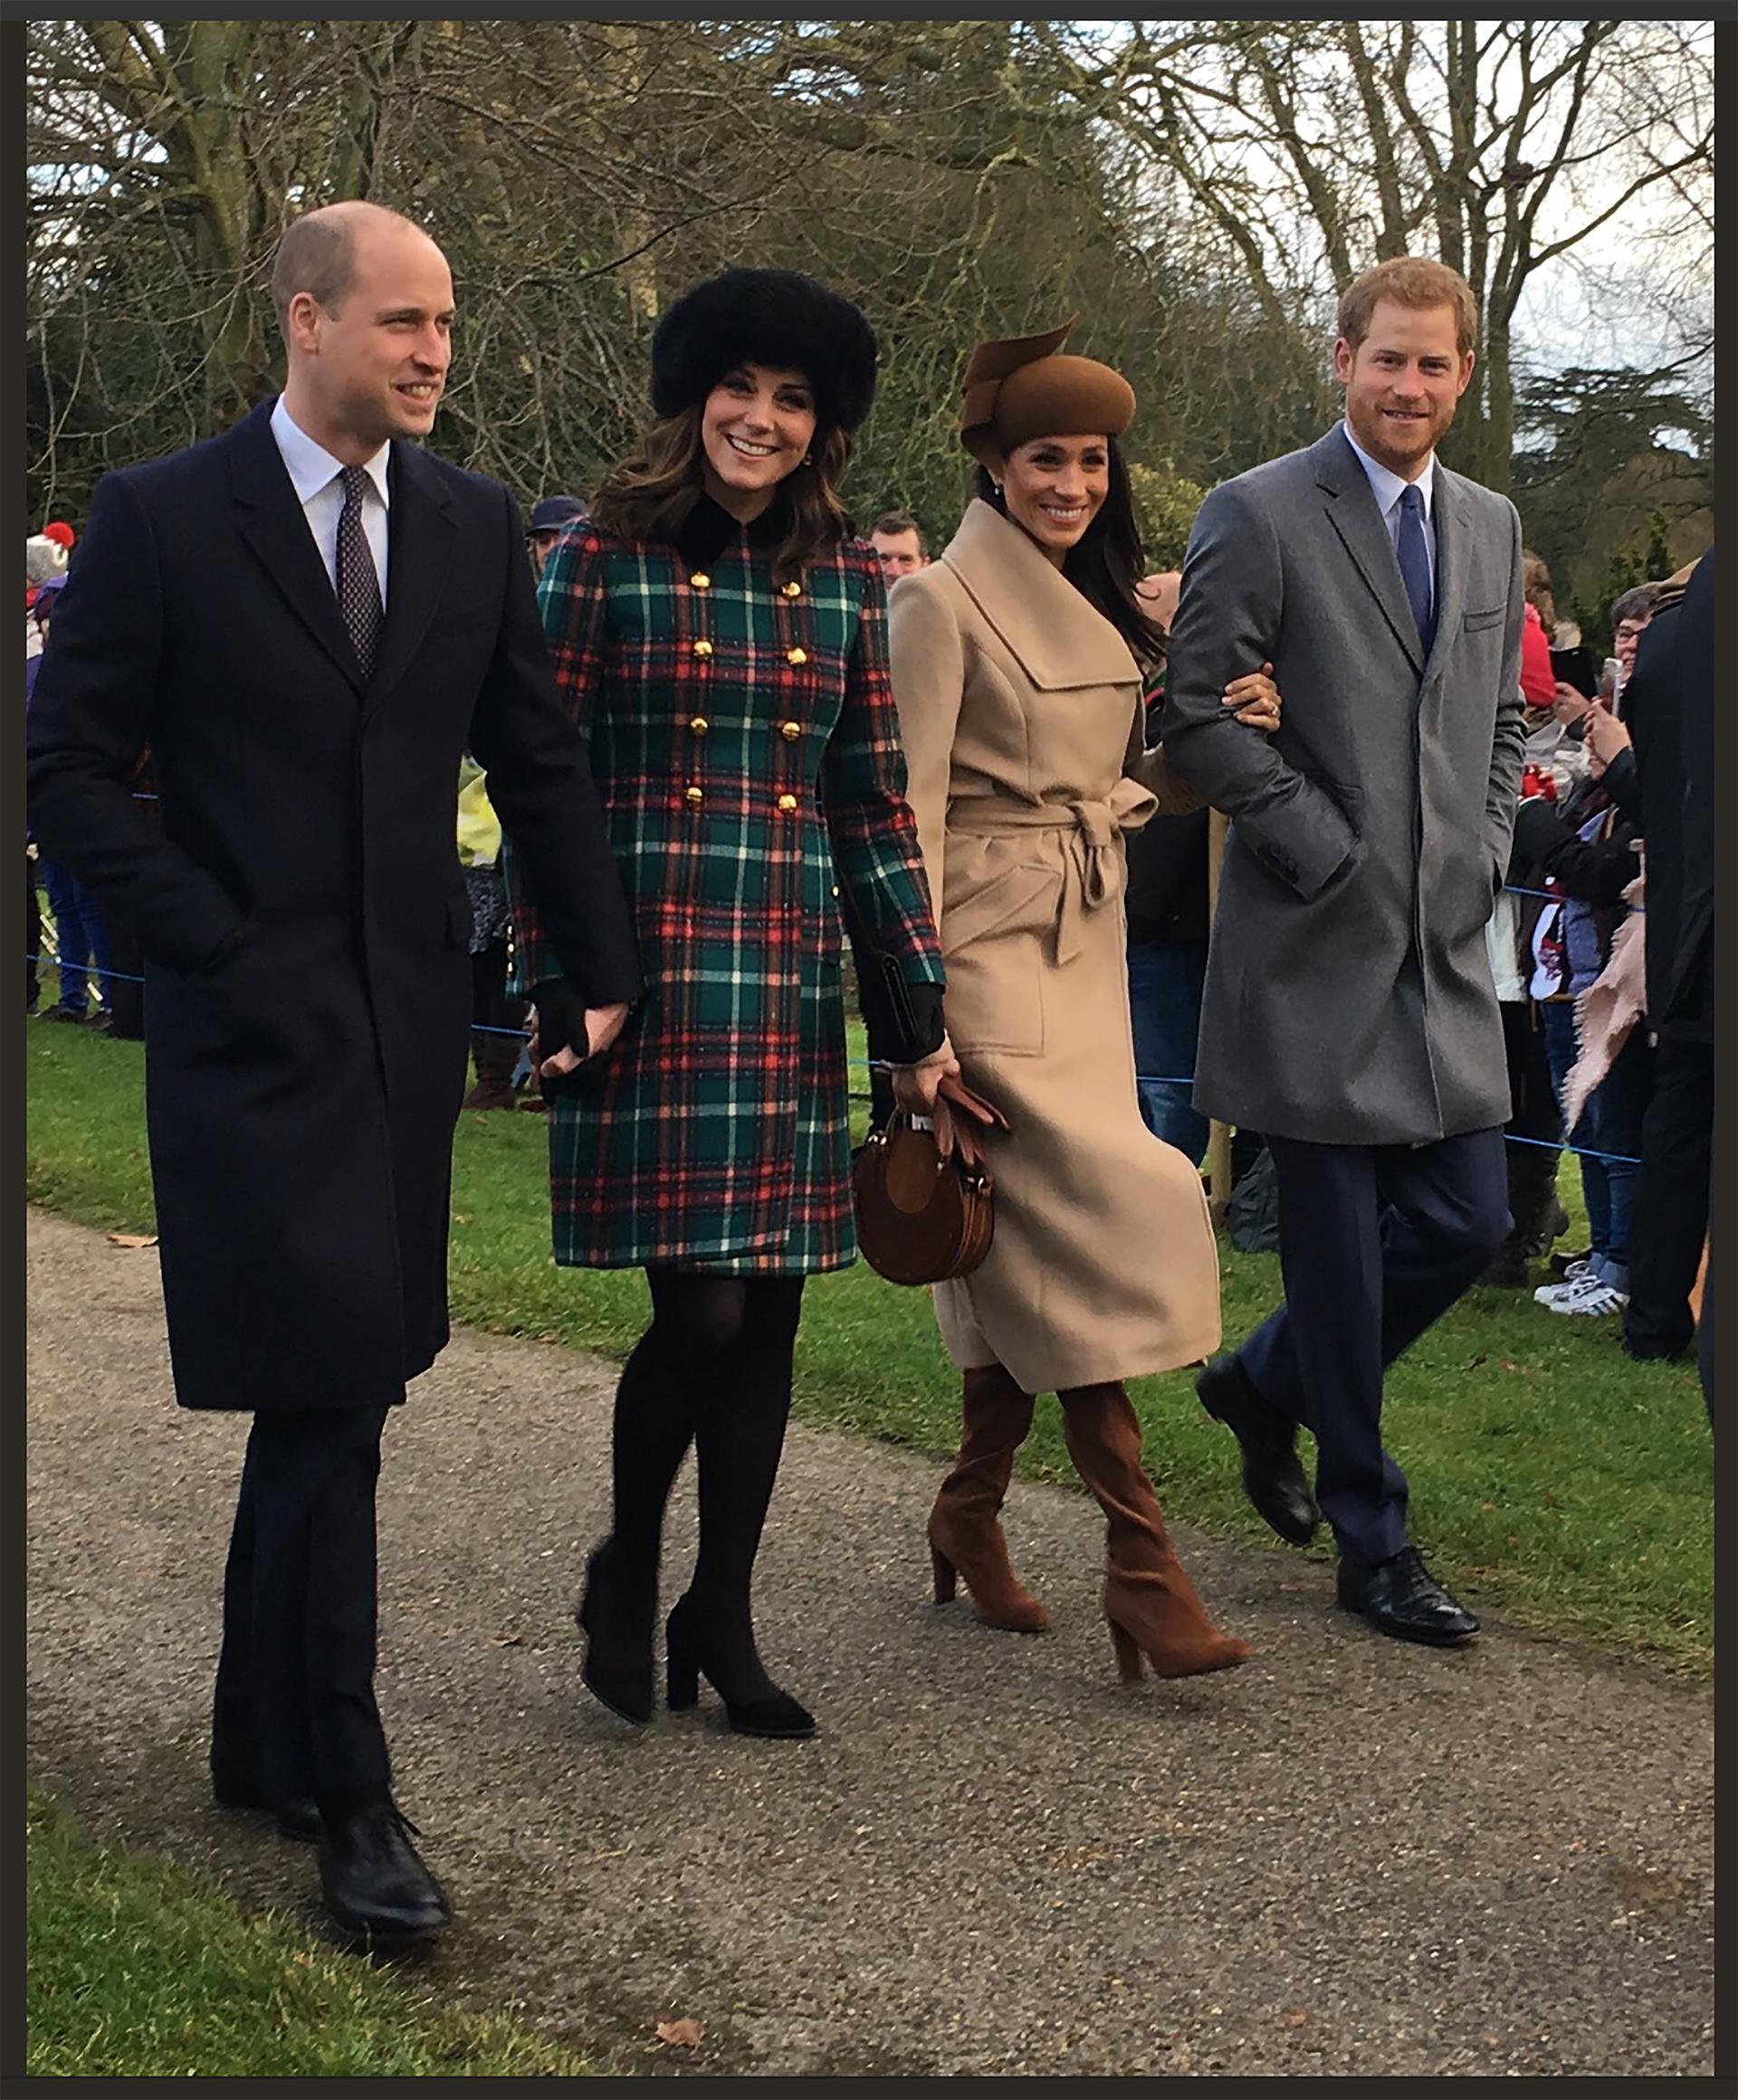 Sie ist jung, beliebt und unkonventionell: die neue Generation der britischen Royals. Der Film zeigt, wie Prinz William & Co. frischen Wind in die Monarchie bringen.  ©ZDF/KGC Photo Agency LLP